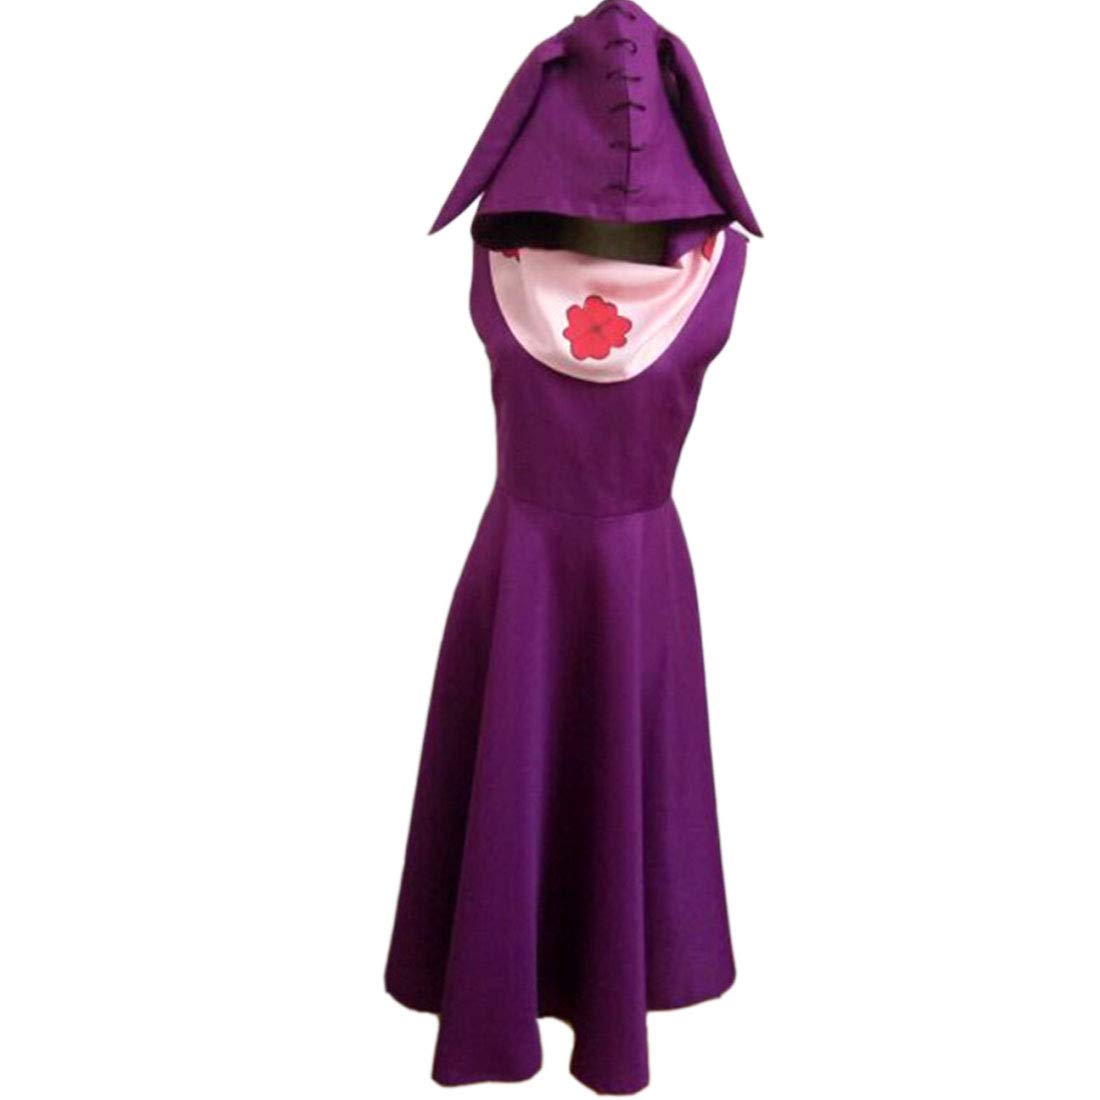 YKJ Anime Cosplay del Partito di Natale Costume Lady Masquerade Uniform Gonna Viola e Sciarpa,Purple-S